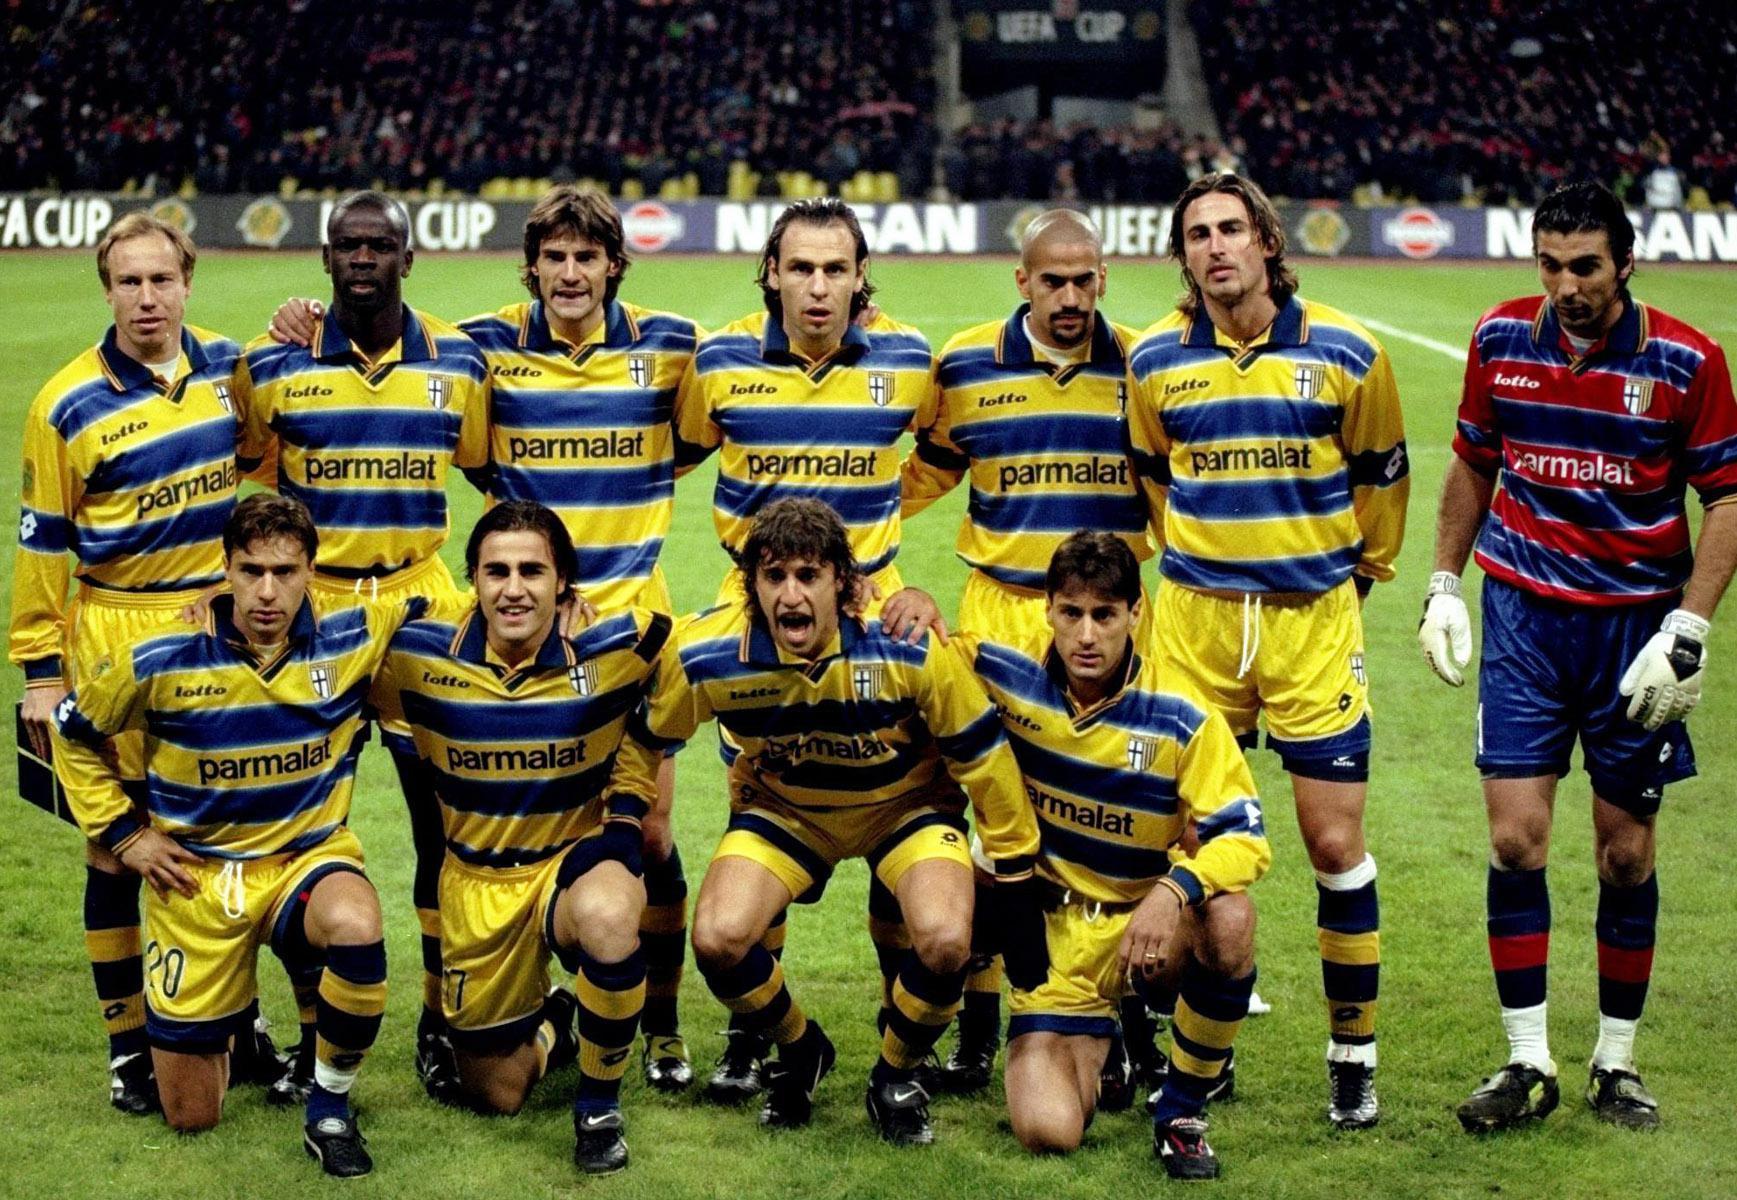 比利兹联更惨的球队!4次登顶欧洲后2度破产,切肉工花1欧元买来过老板瘾